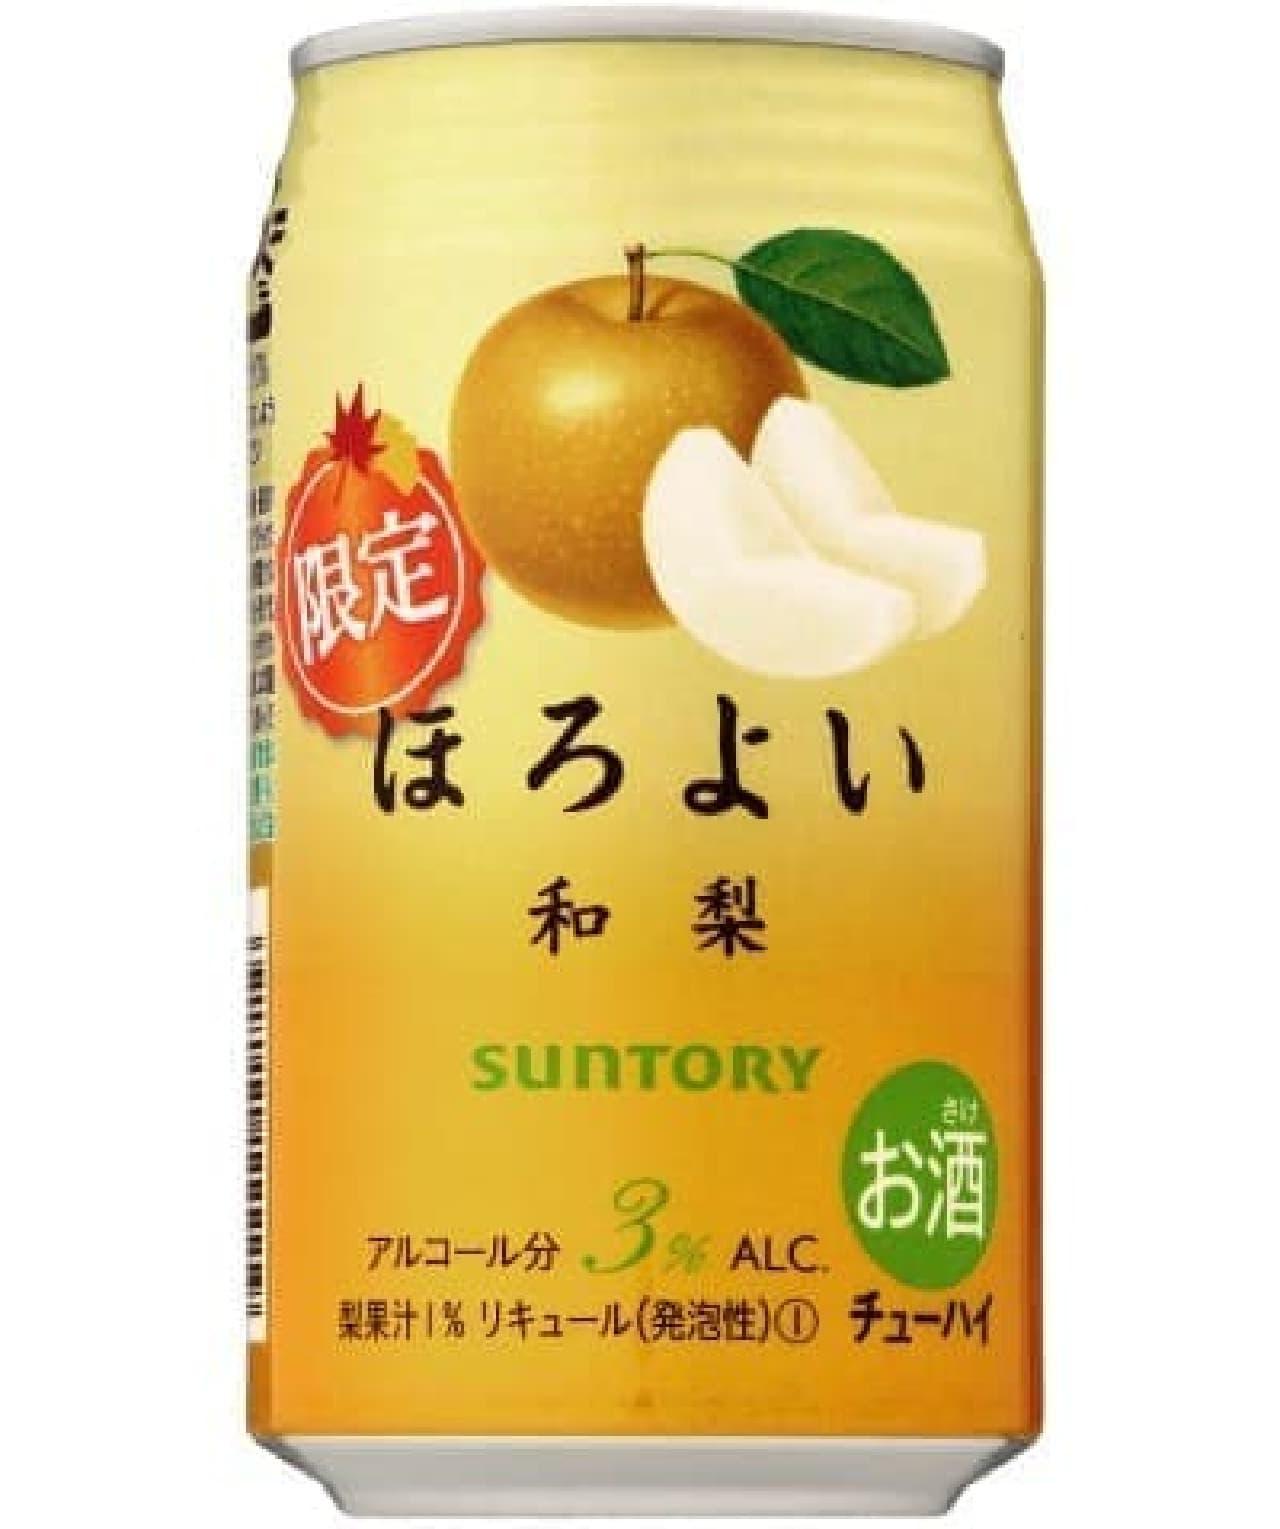 サントリーチューハイ「ほろよい 和梨」